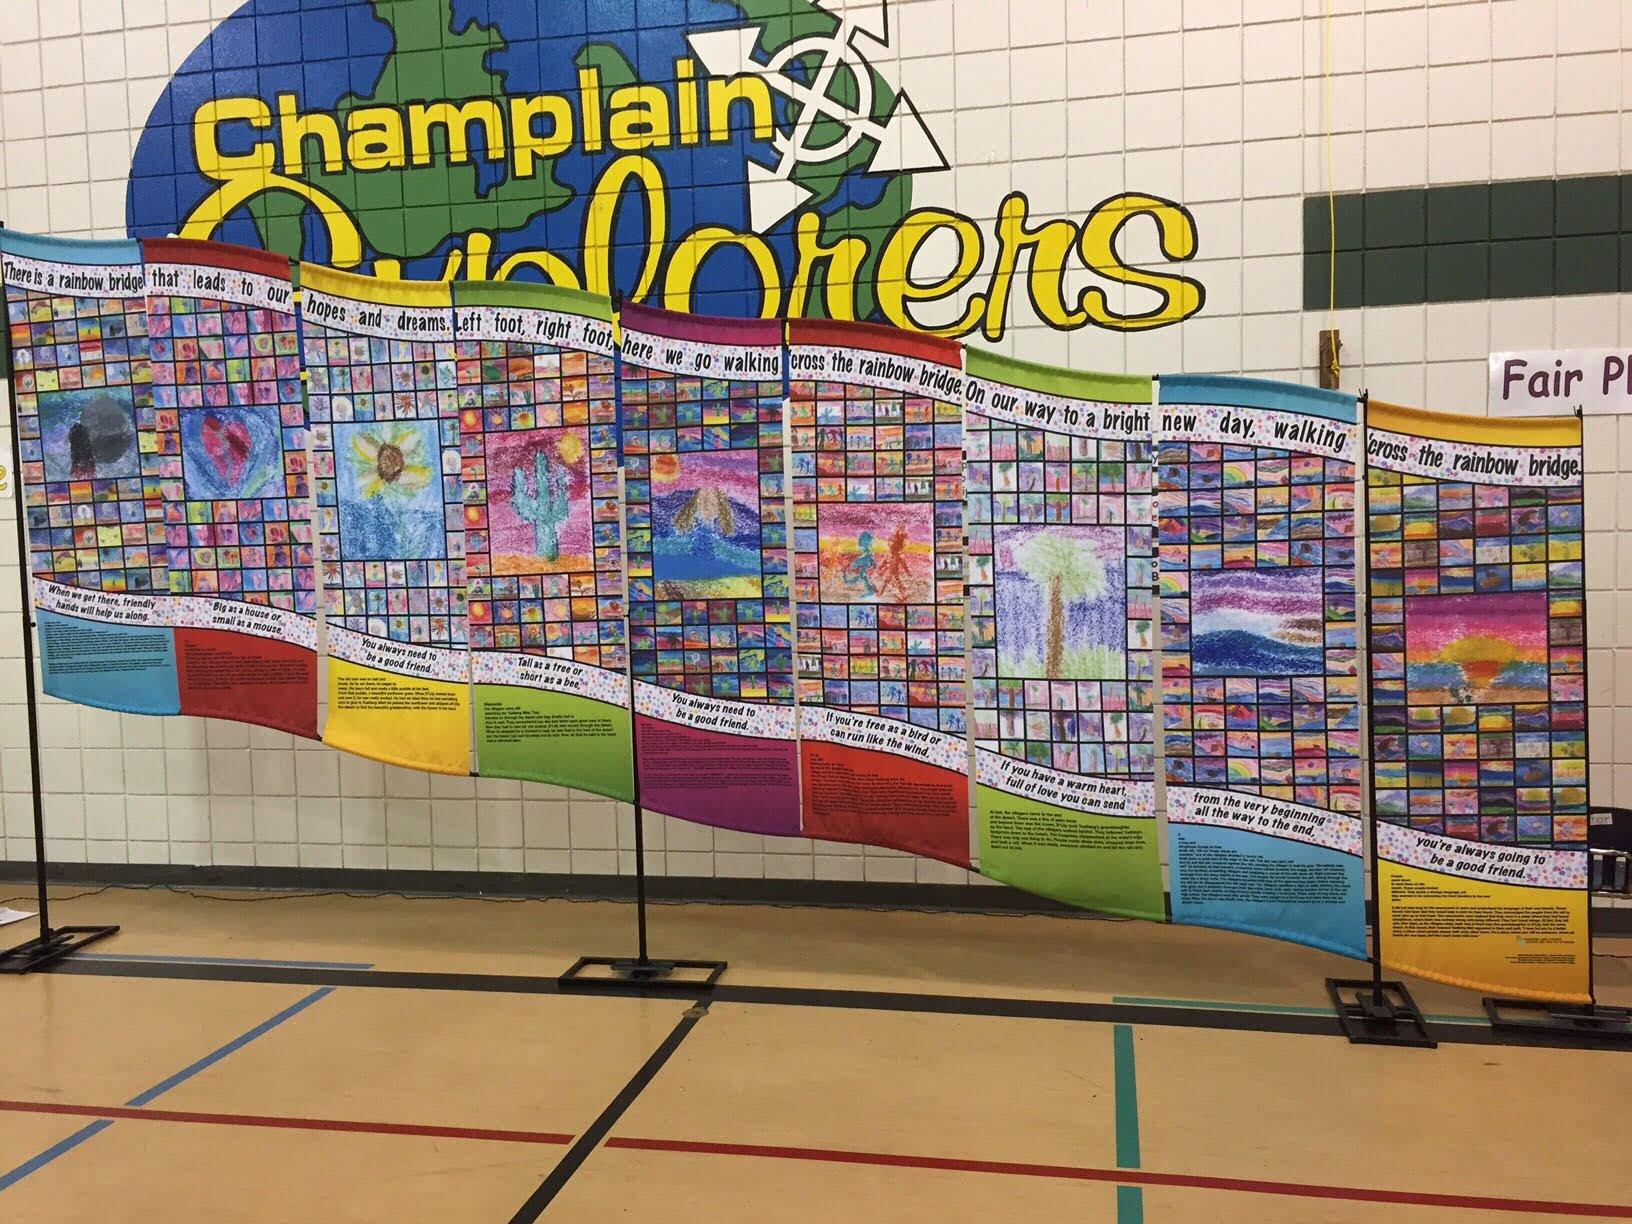 Champlain-16608vc.jpg